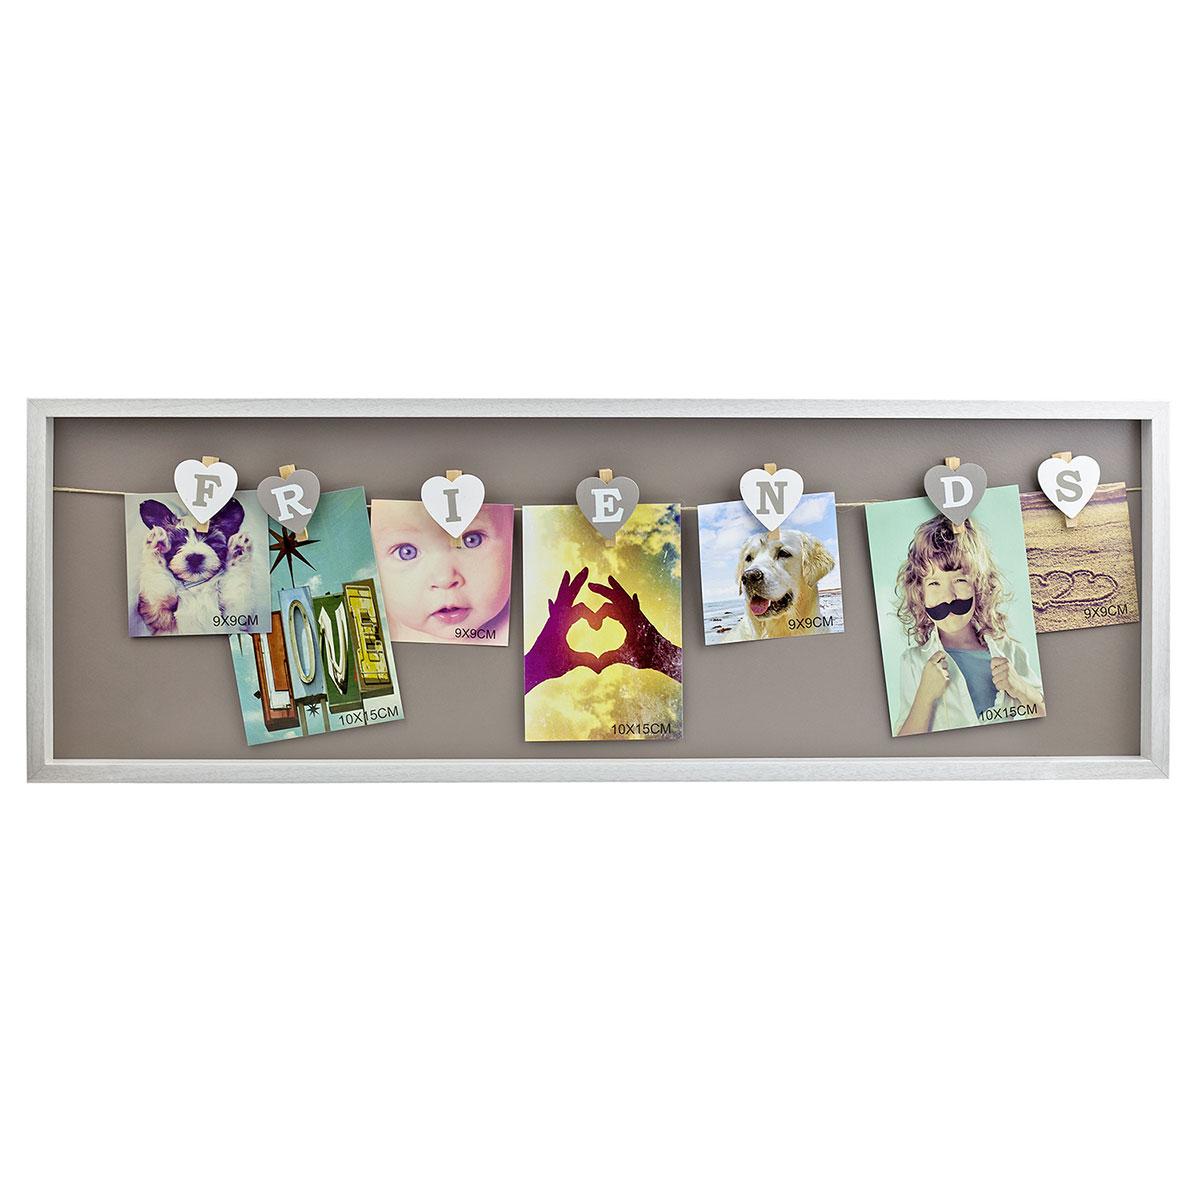 Bilderrahmen aus Holz, Klammern, Friends, Freunde, Fotocollage ...